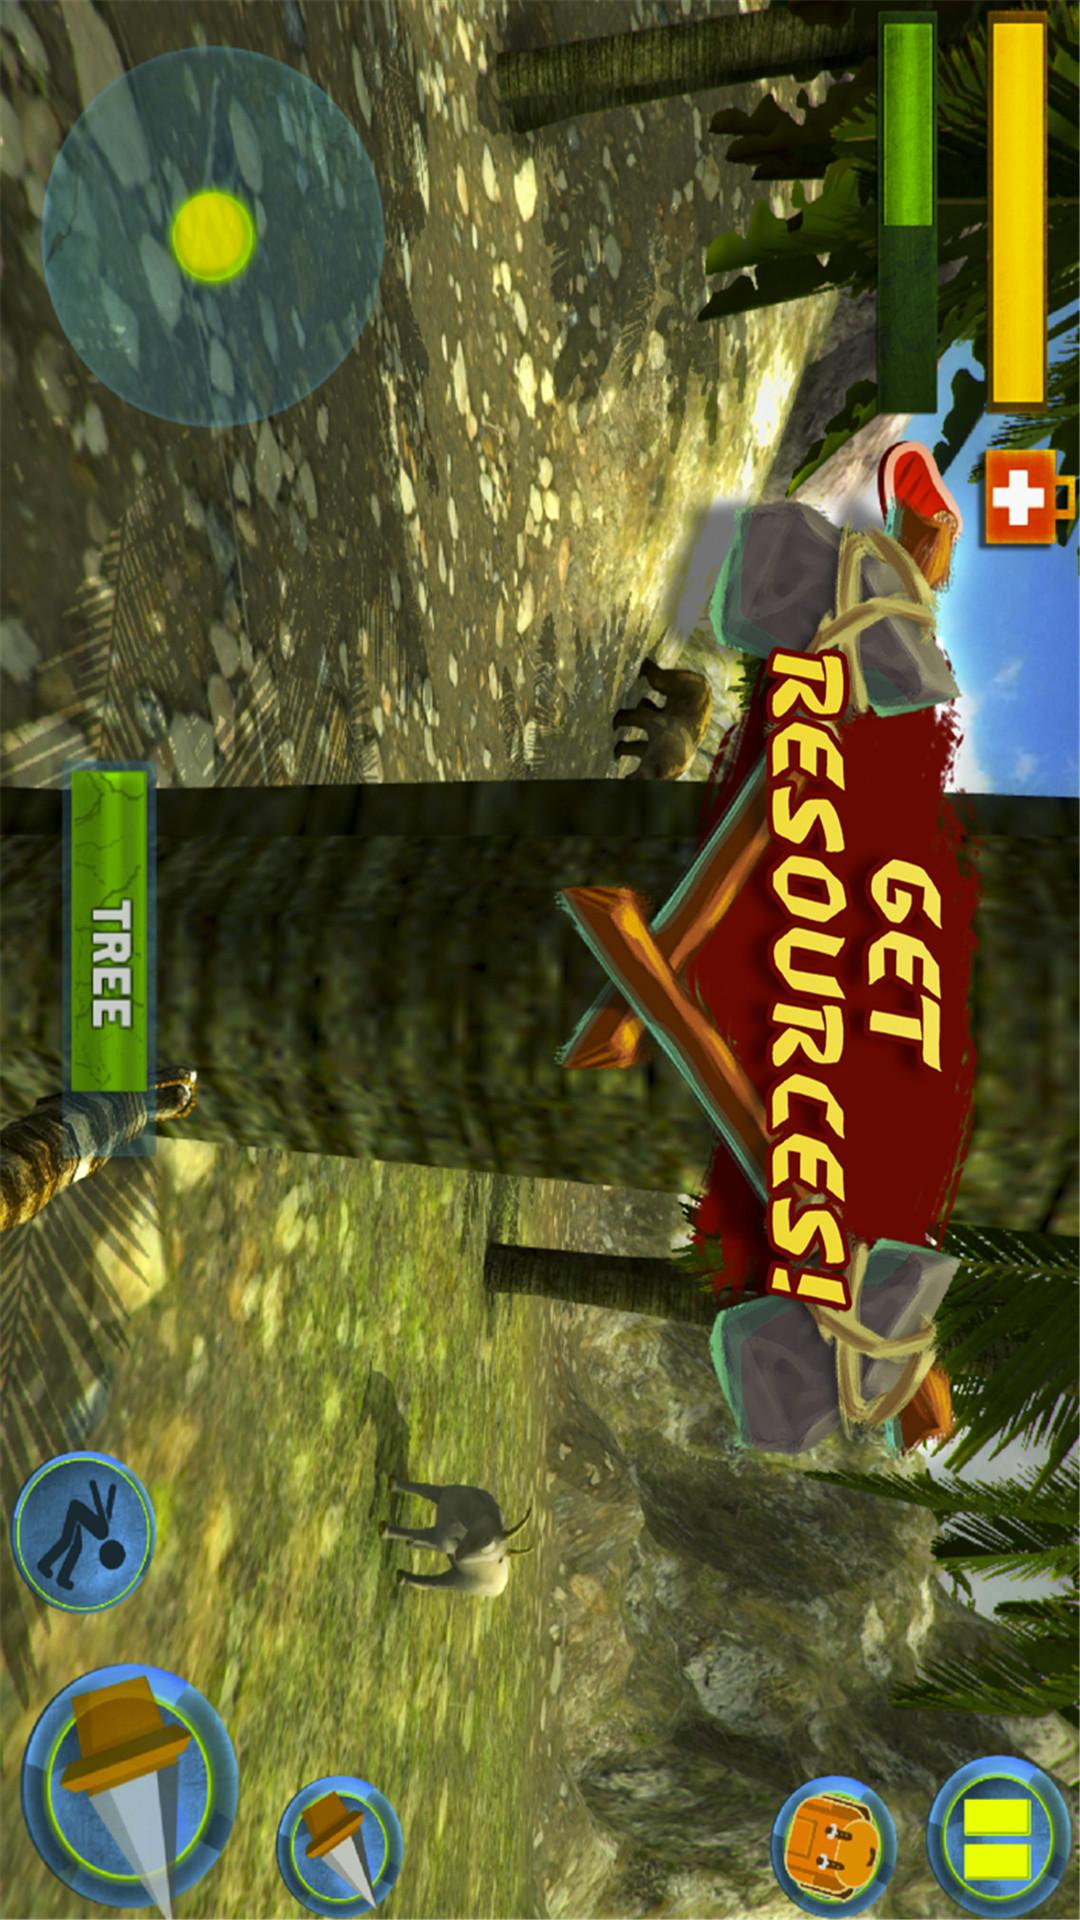 荒岛求生-动作冒险-安卓android手机游戏下载-nearme